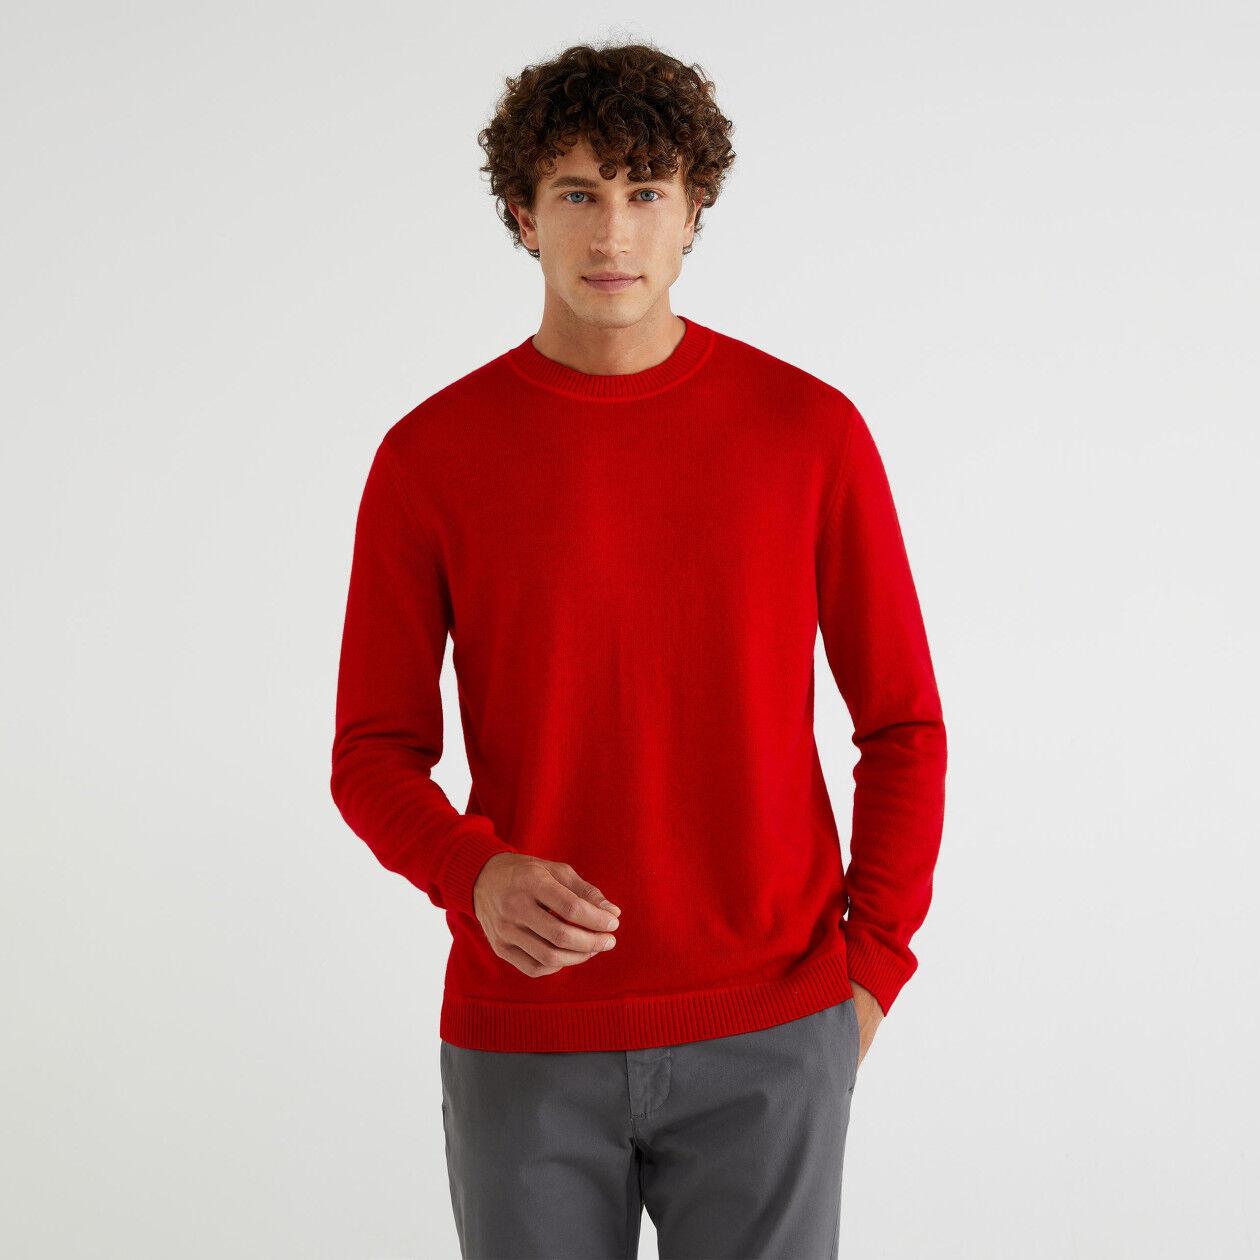 Μπλούζα με λαιμόκοψη από μάλλινο